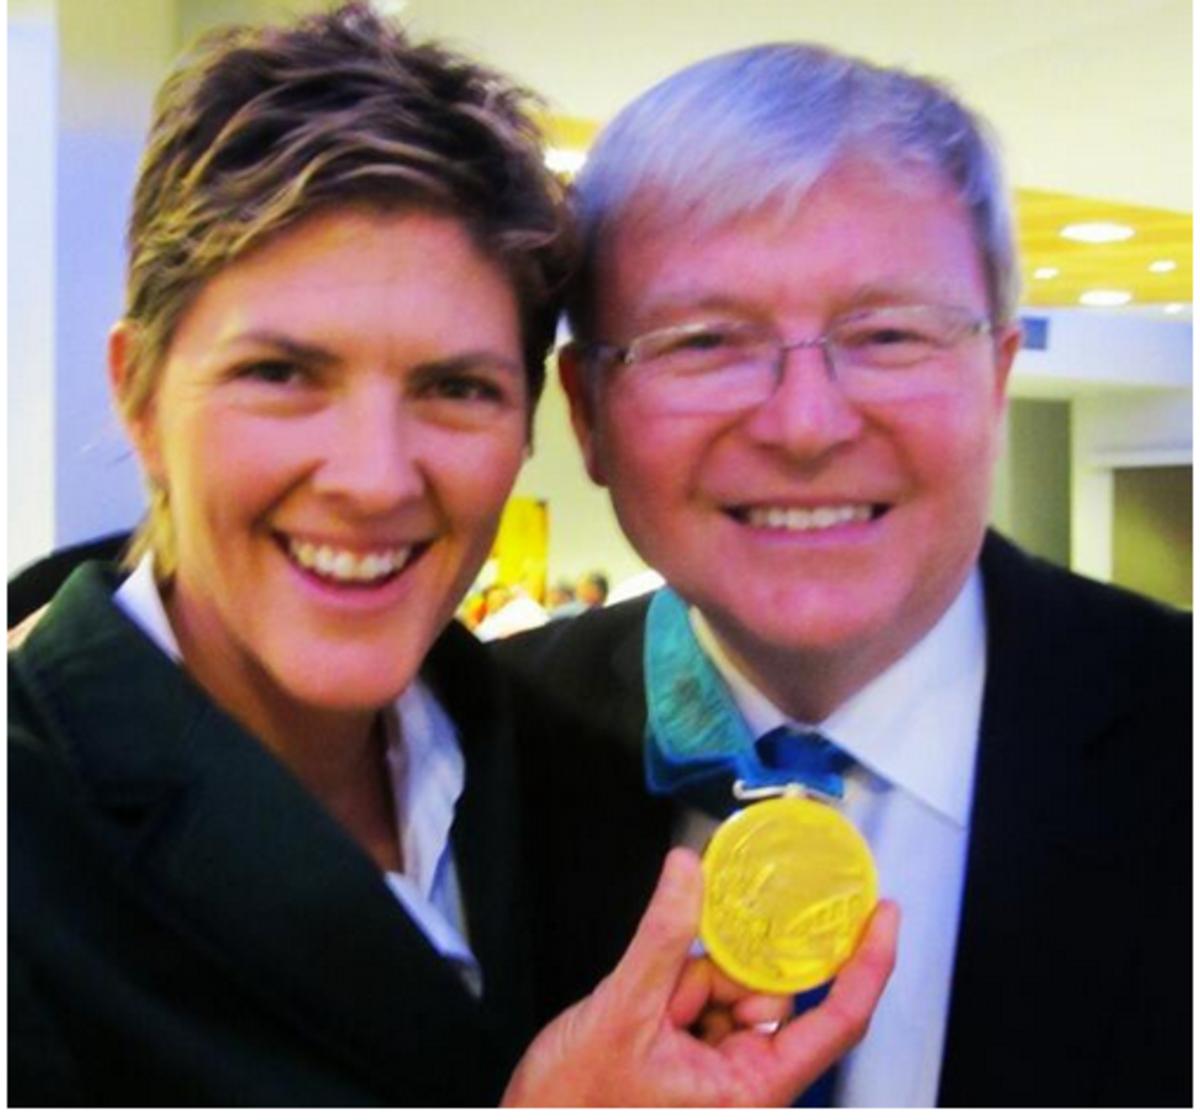 Kevin Rudd's selfie